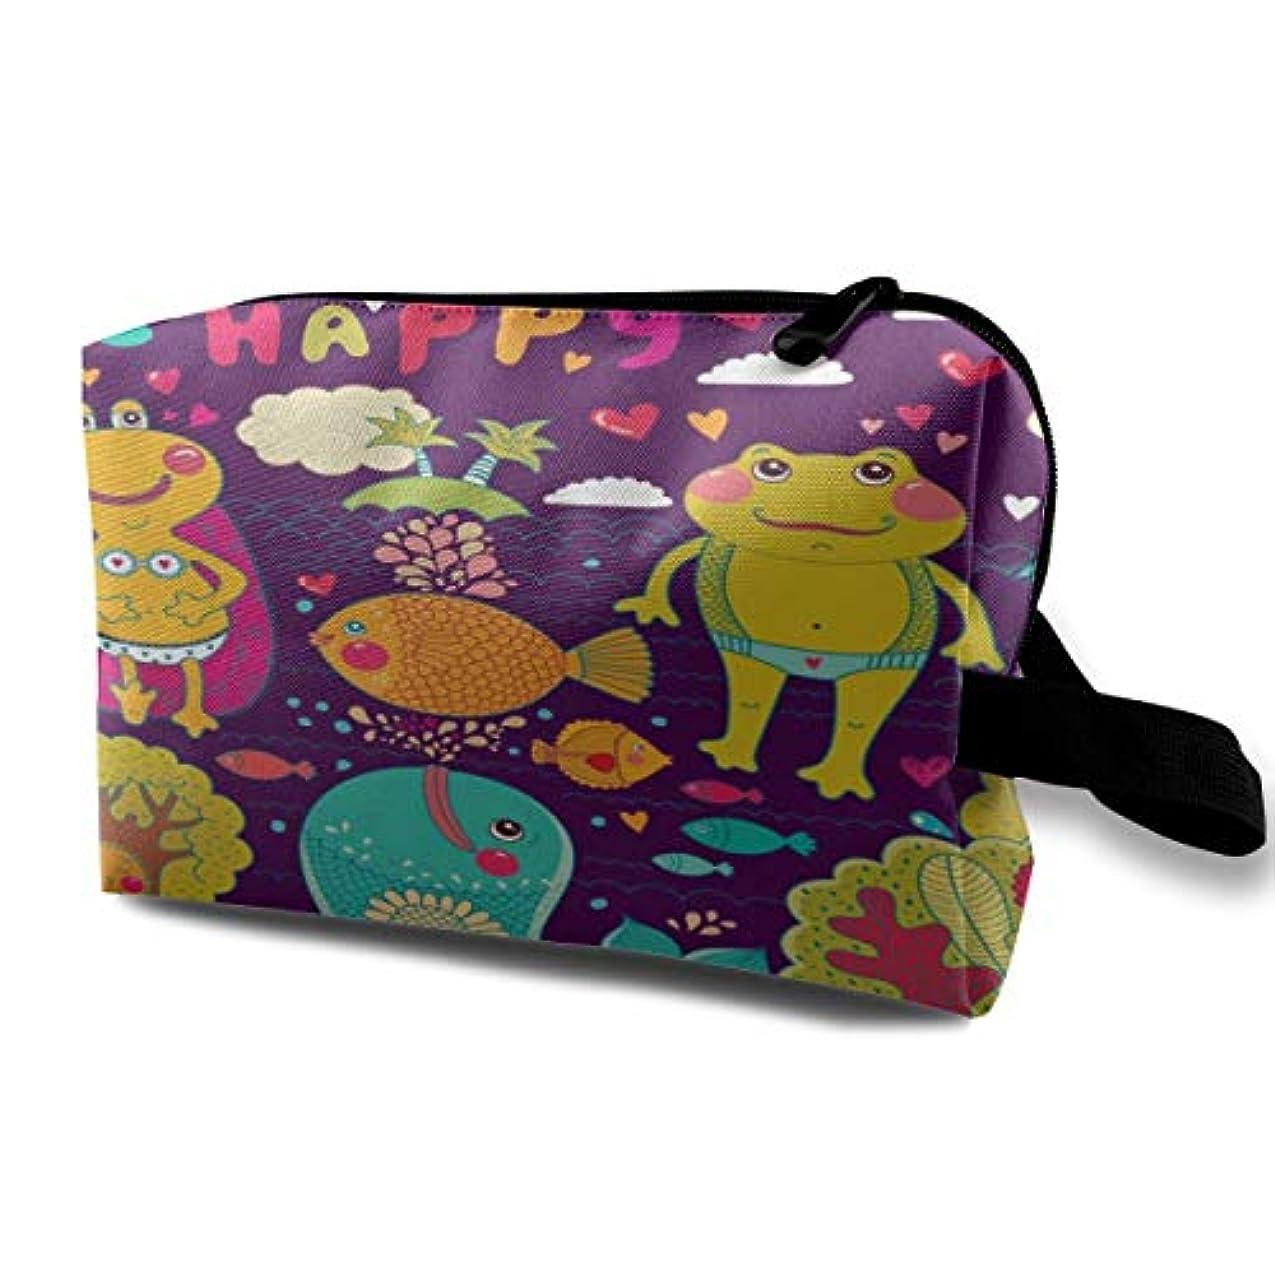 バナナ忘れる不機嫌Be Happy Frogs Whales 収納ポーチ 化粧ポーチ 大容量 軽量 耐久性 ハンドル付持ち運び便利。入れ 自宅?出張?旅行?アウトドア撮影などに対応。メンズ レディース トラベルグッズ